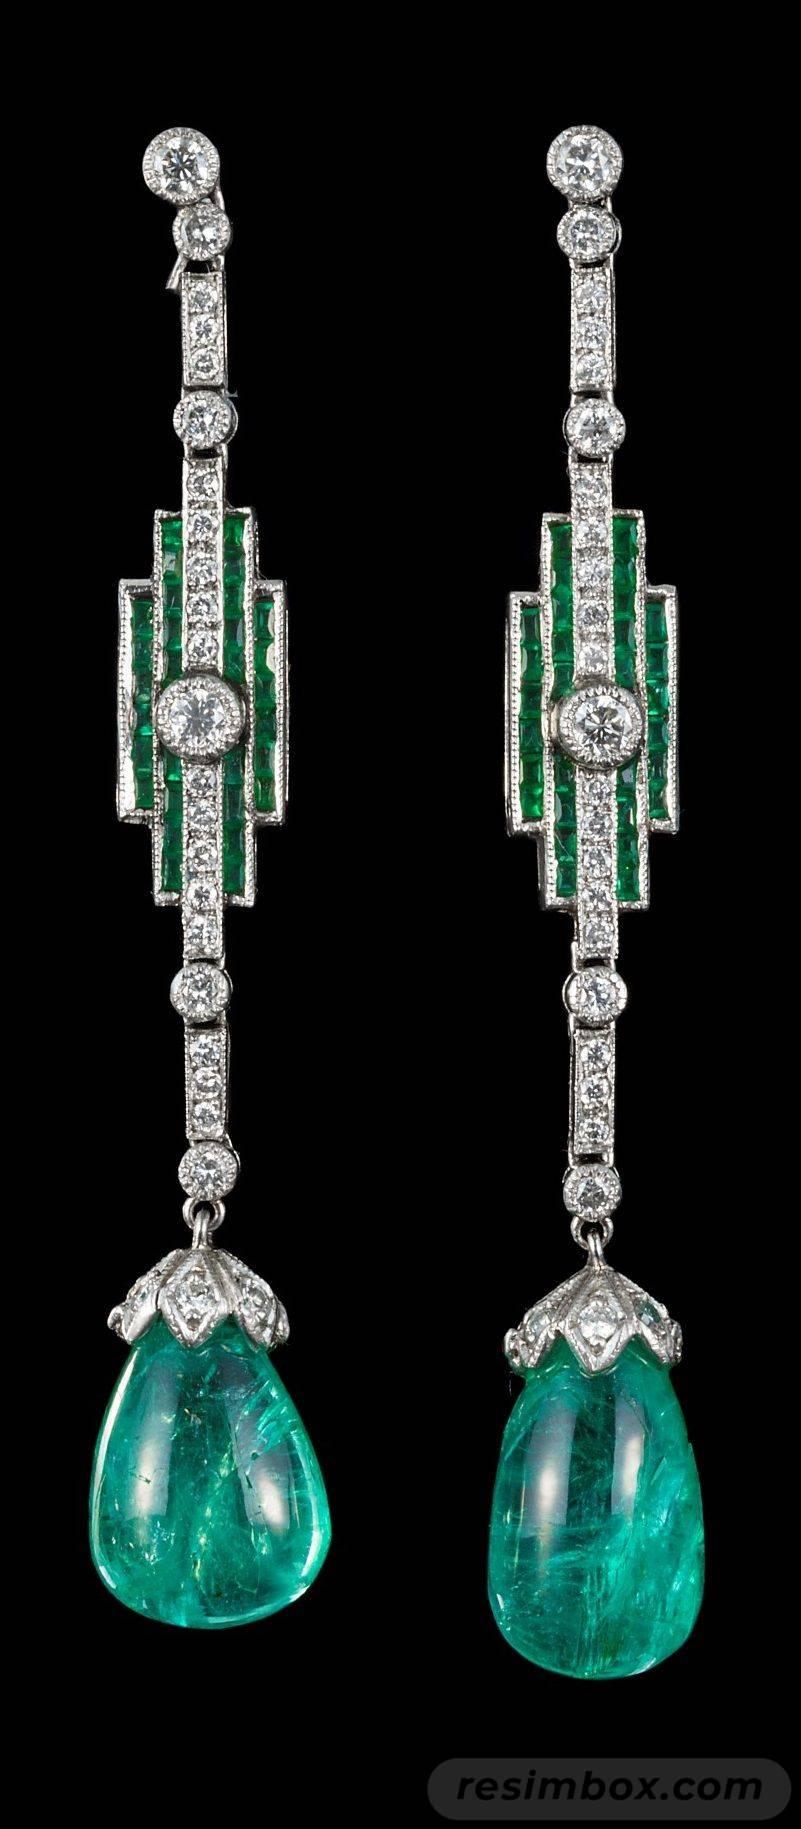 Art deco jewelry-Aeu8Ds8Nc8C2HvY5mELTl4l9dn3OvCwt2SPsVnbA3FPLq74DervLEZQ